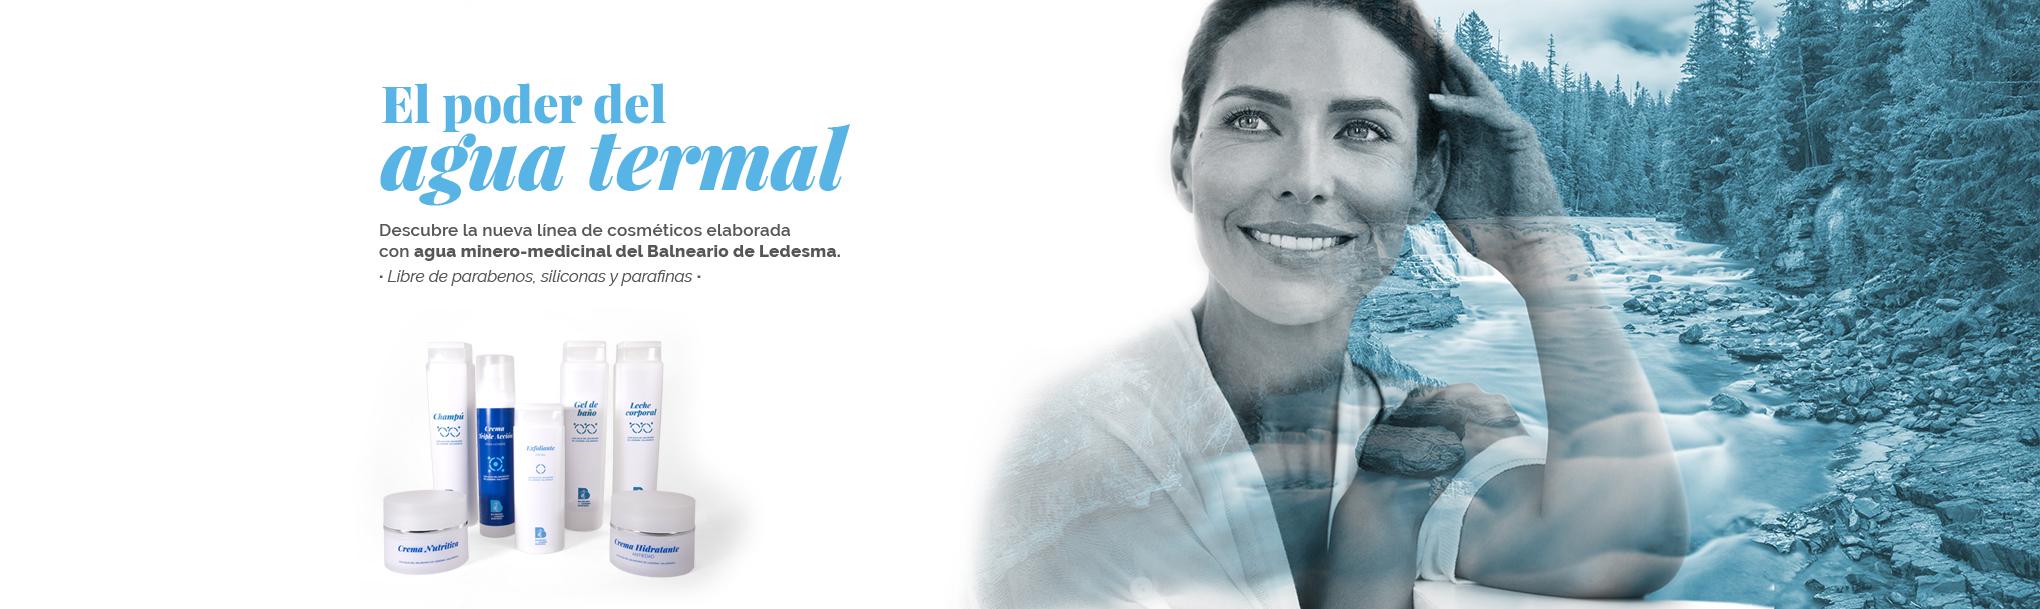 Publicidad de cosmética Ledesma, el poder del agua termal